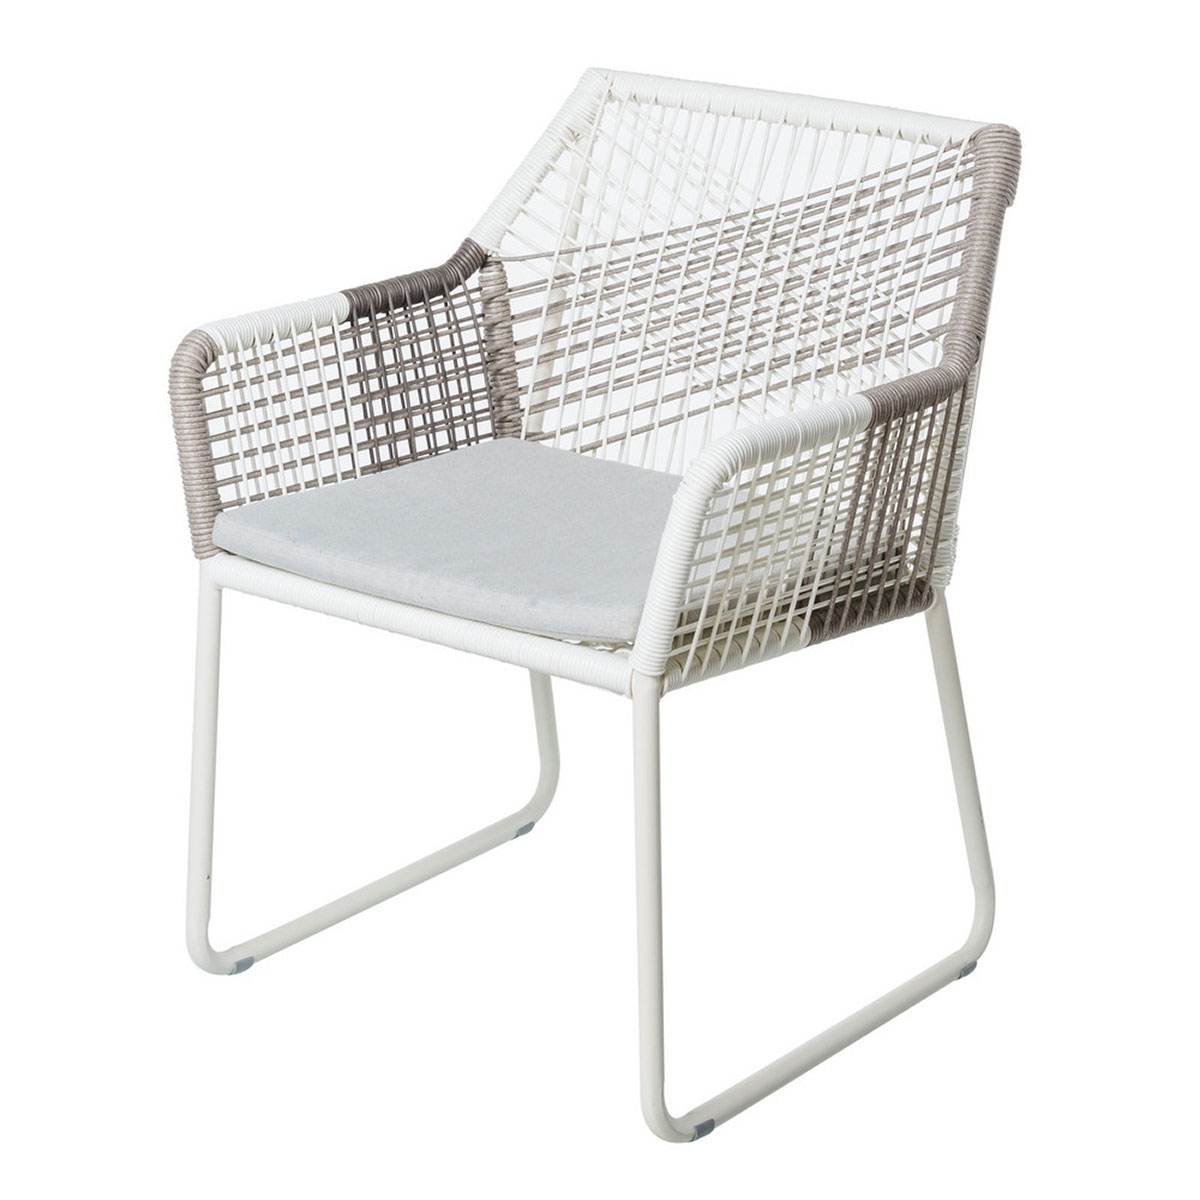 Chaise à accoudoirs à cordes bicolores - BLANC/GRIS - 60.00 cm x 61.00 cm x 78.50 cm